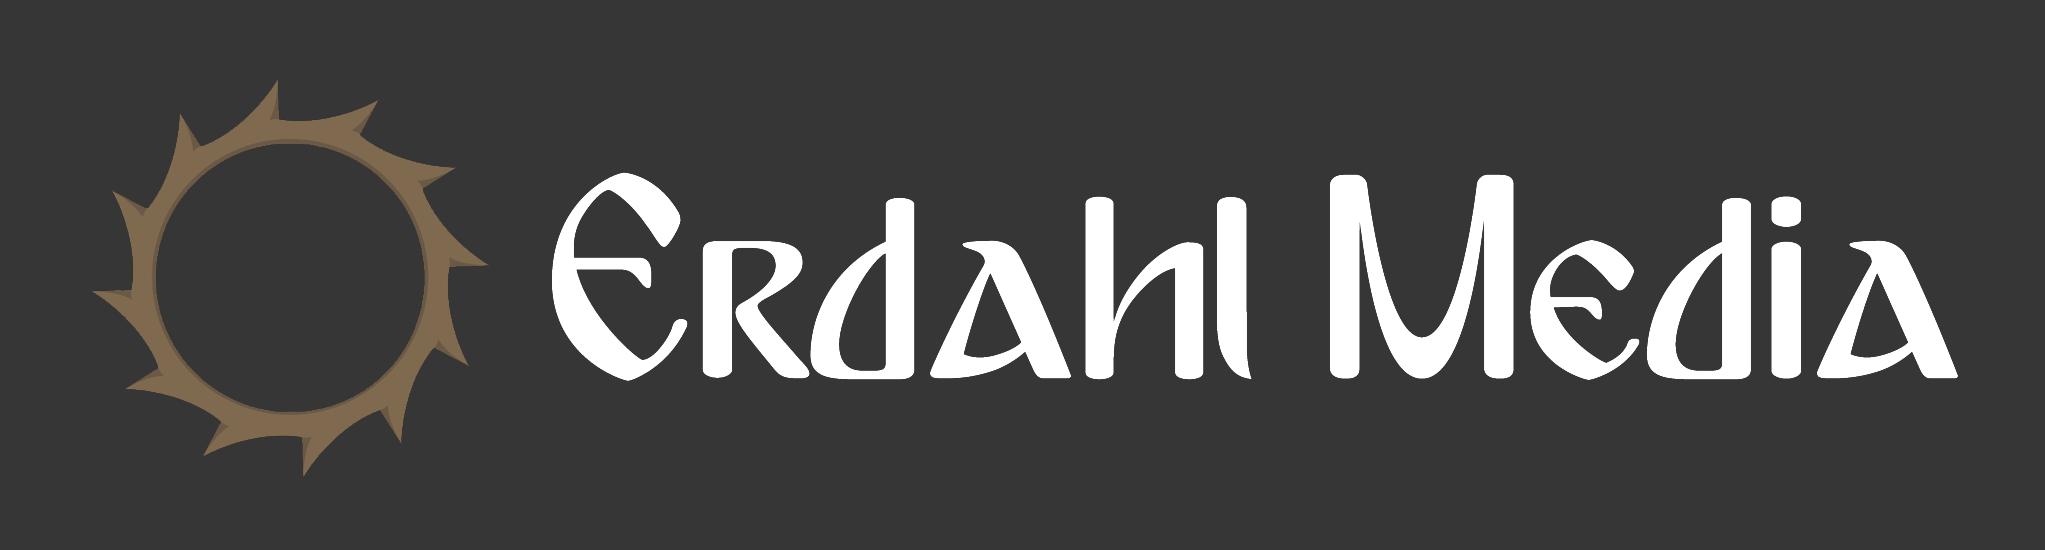 Erdahl Media